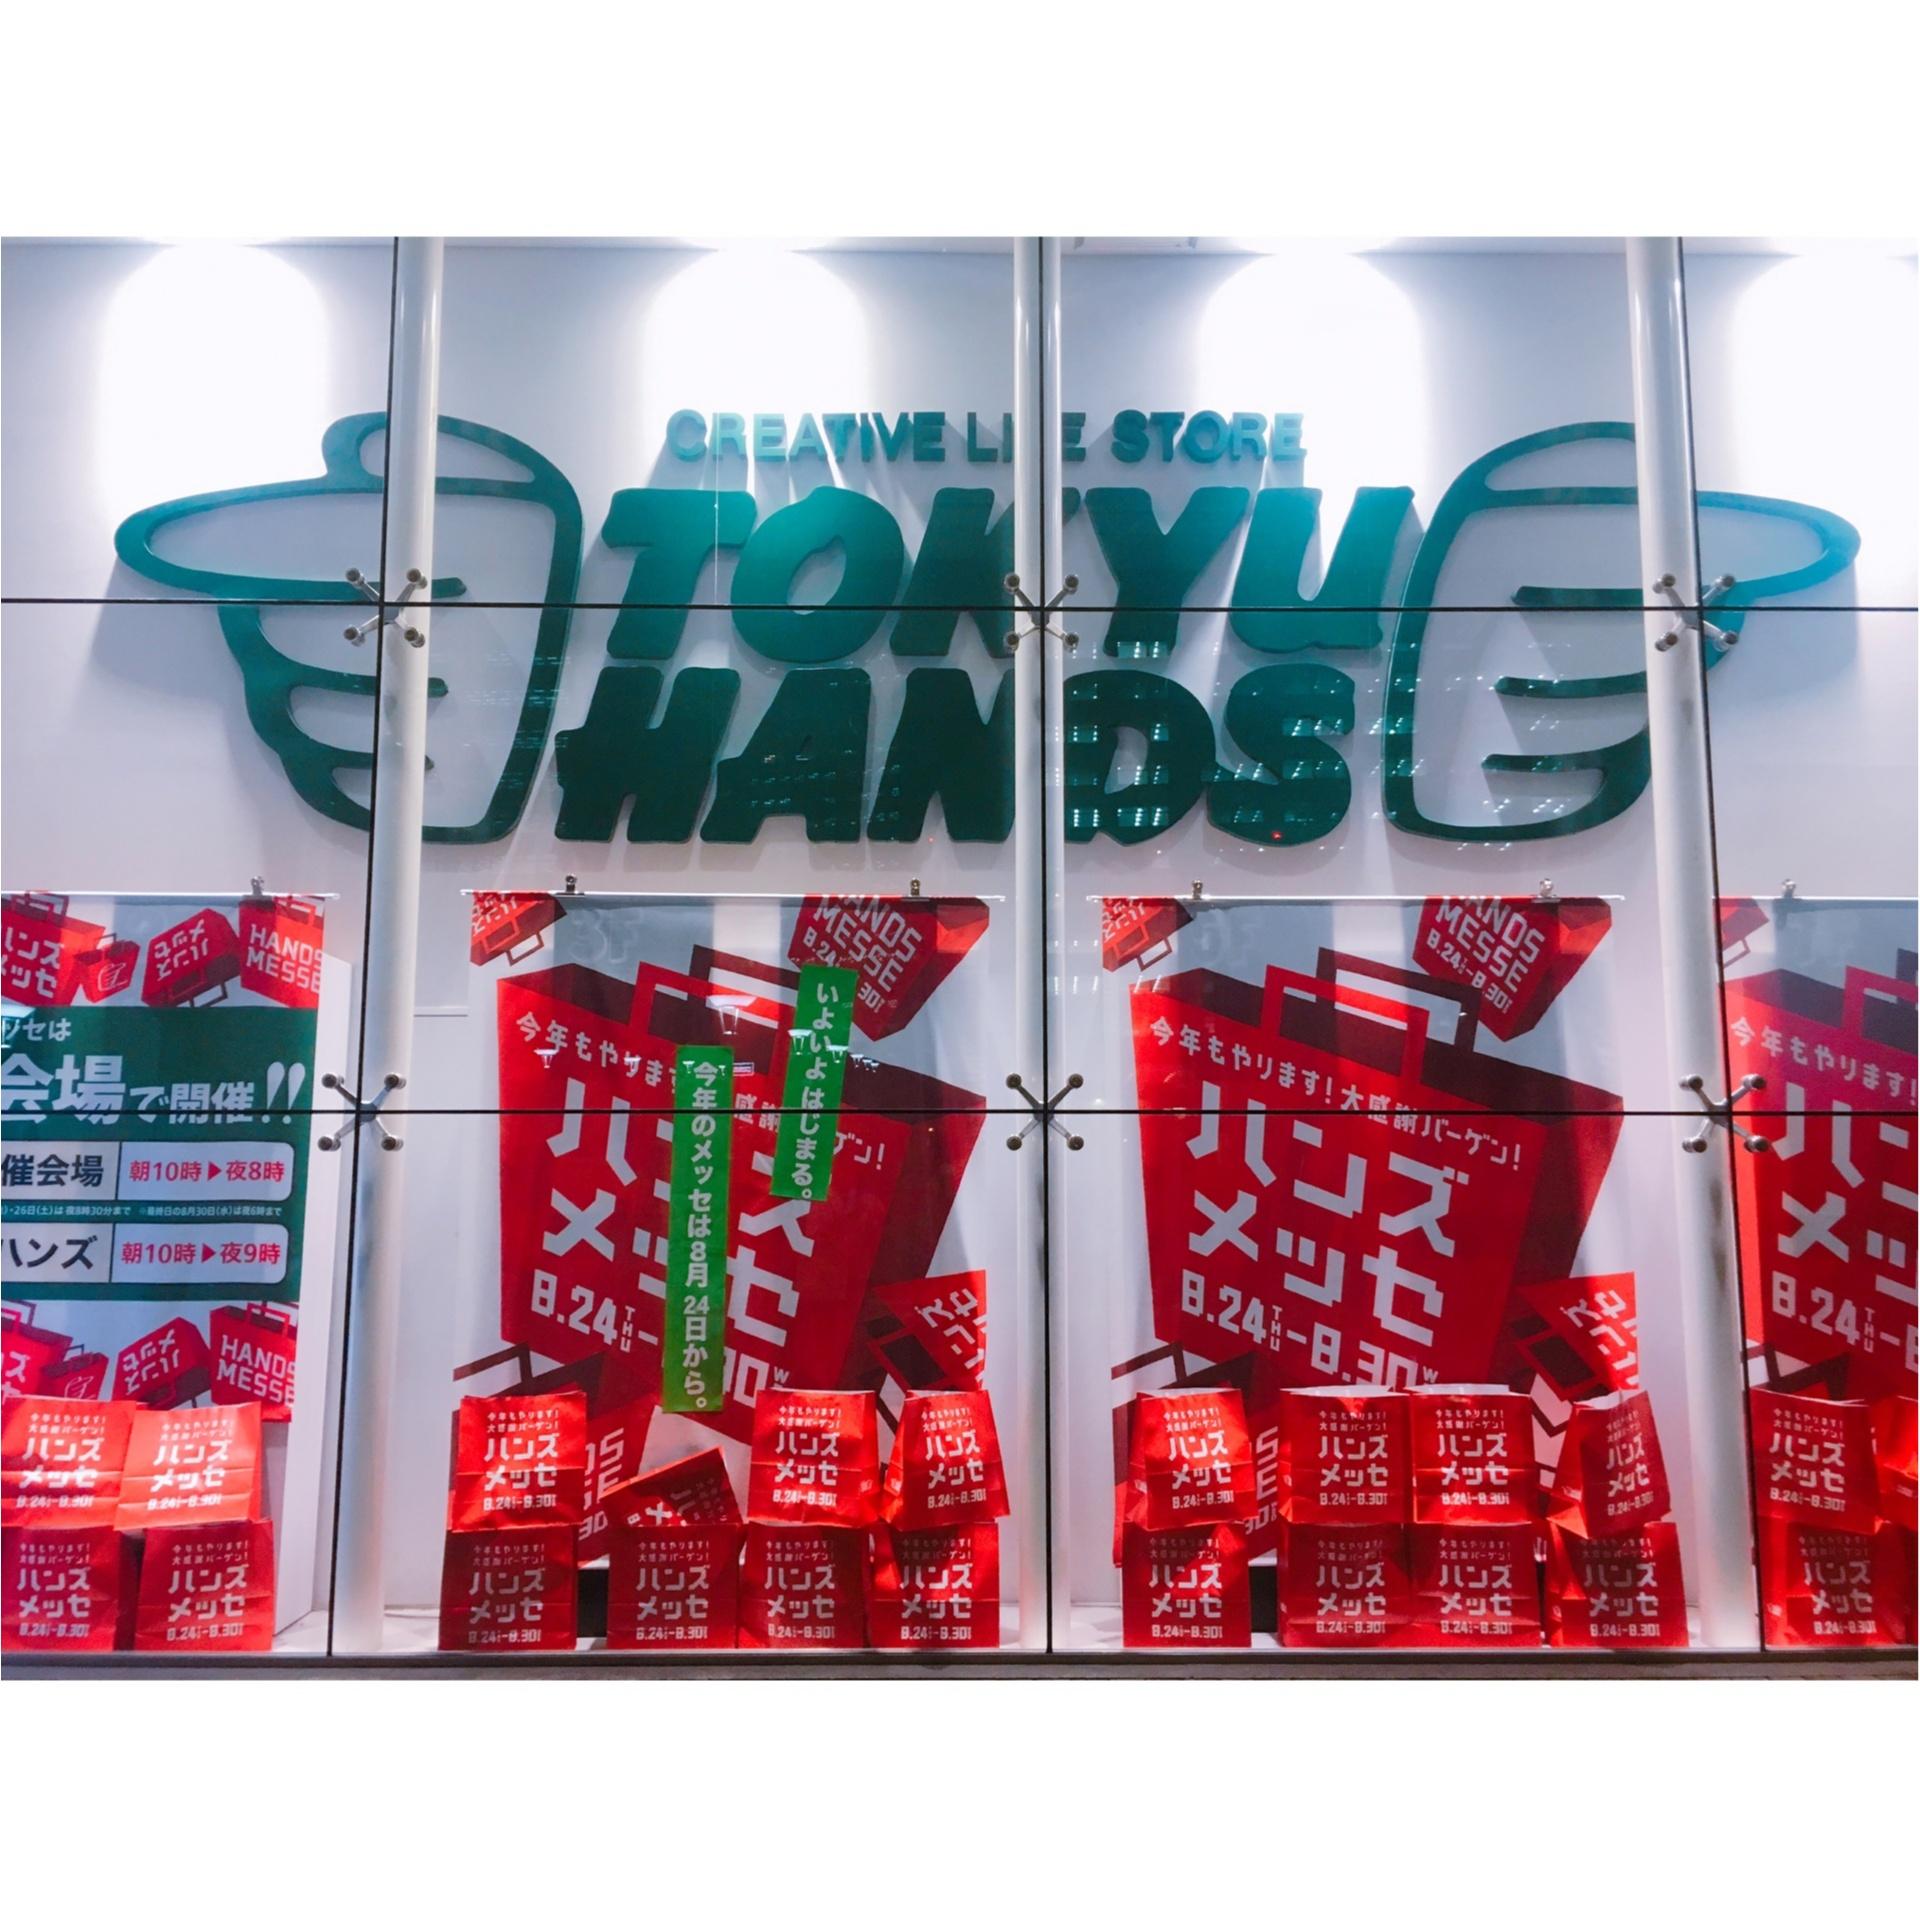 ▷【全国の東急ハンズにDASH!!】年に1度のハンズメッセ8/30まで開催中!!_1